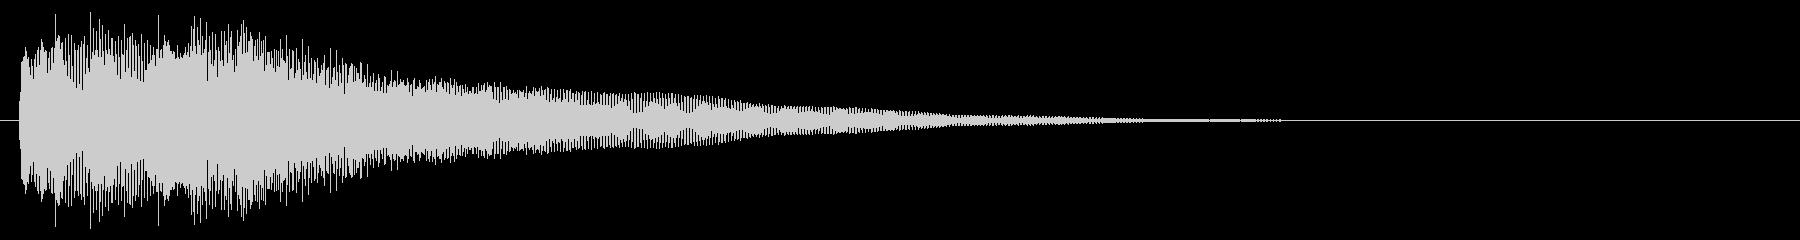 ハープ系 長いフレーズ7(特)の未再生の波形